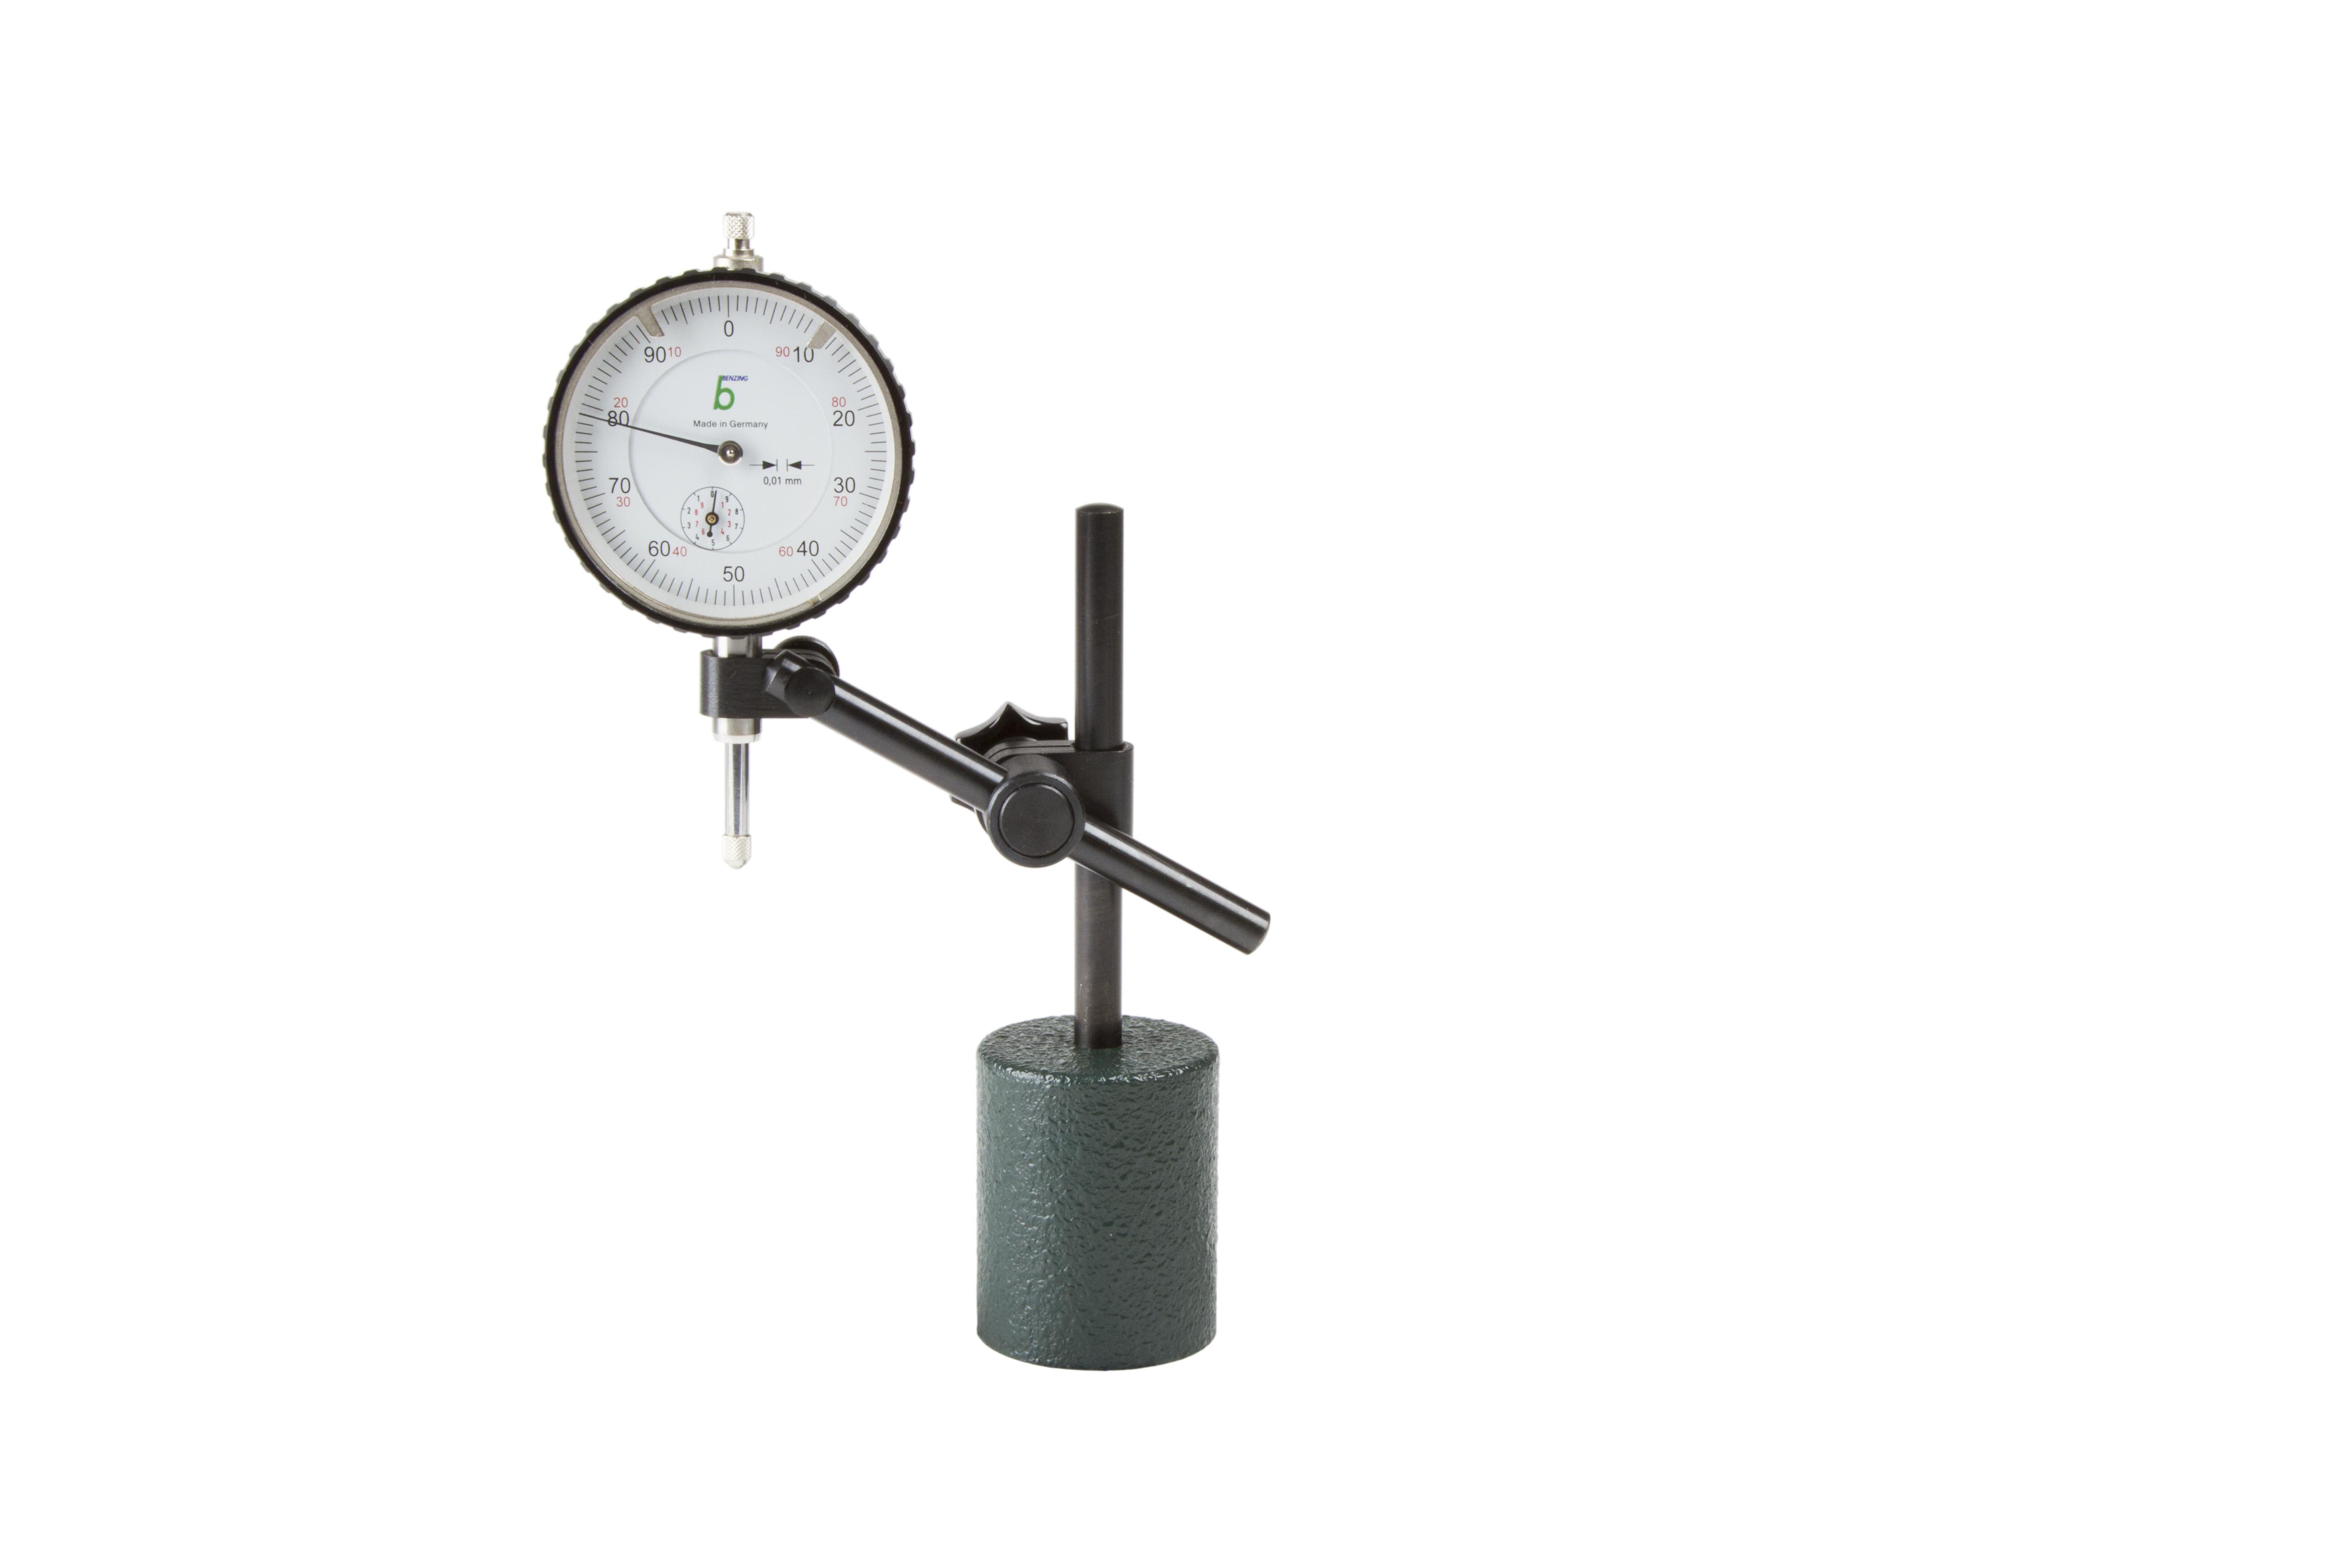 Magnetický stojánek MA-P 40 pro číselníkové úchylkoměry